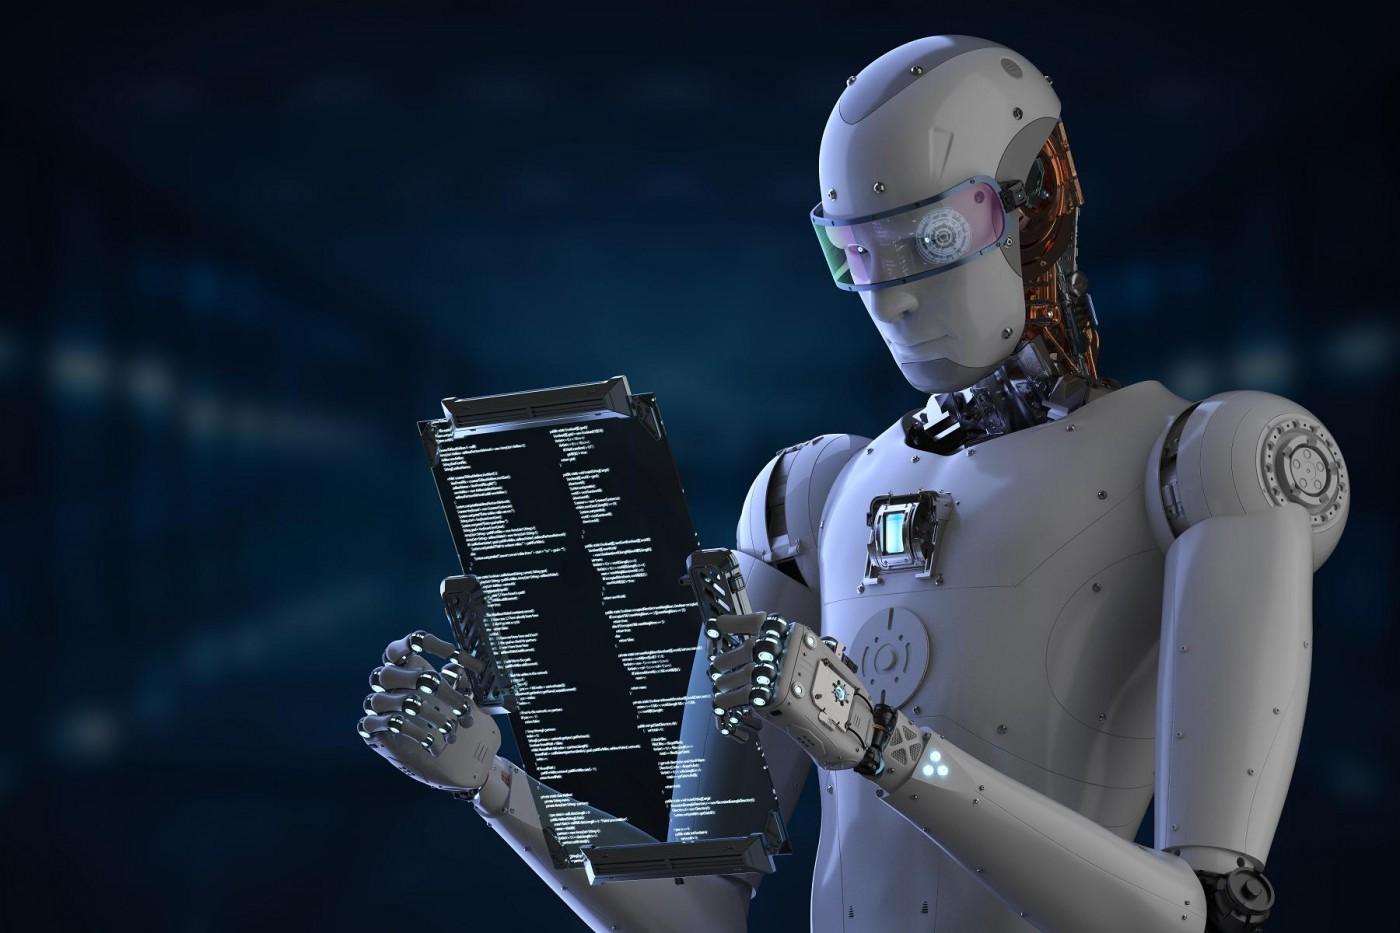 超越人類閱讀能力,阿里巴巴、微軟AI創紀錄,搶攻客服導覽工作